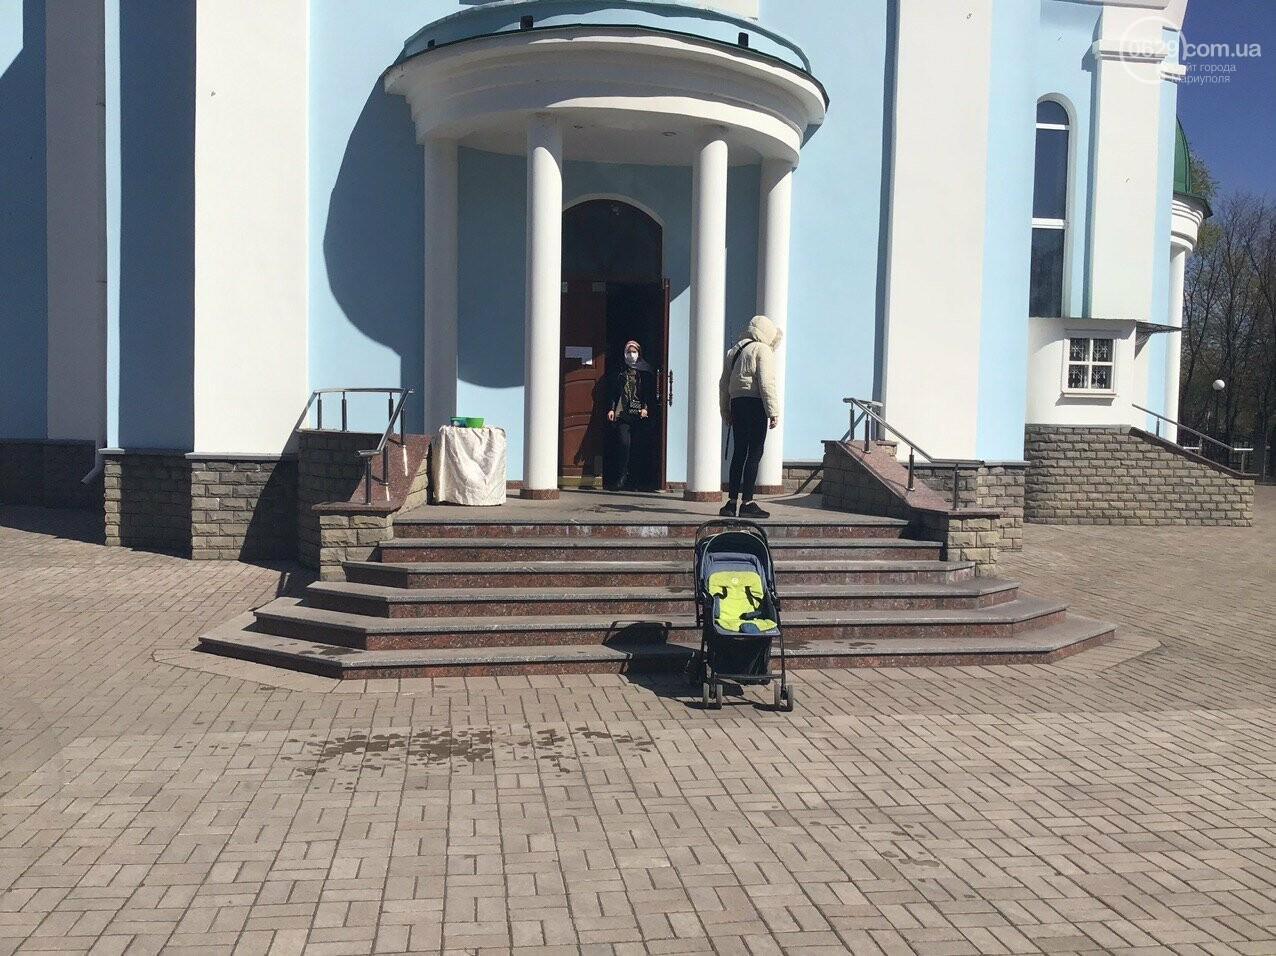 Вербное воскресенье в Мариуполе: как в храмах соблюдают карантин, - ФОТО, ВИДЕО, фото-5